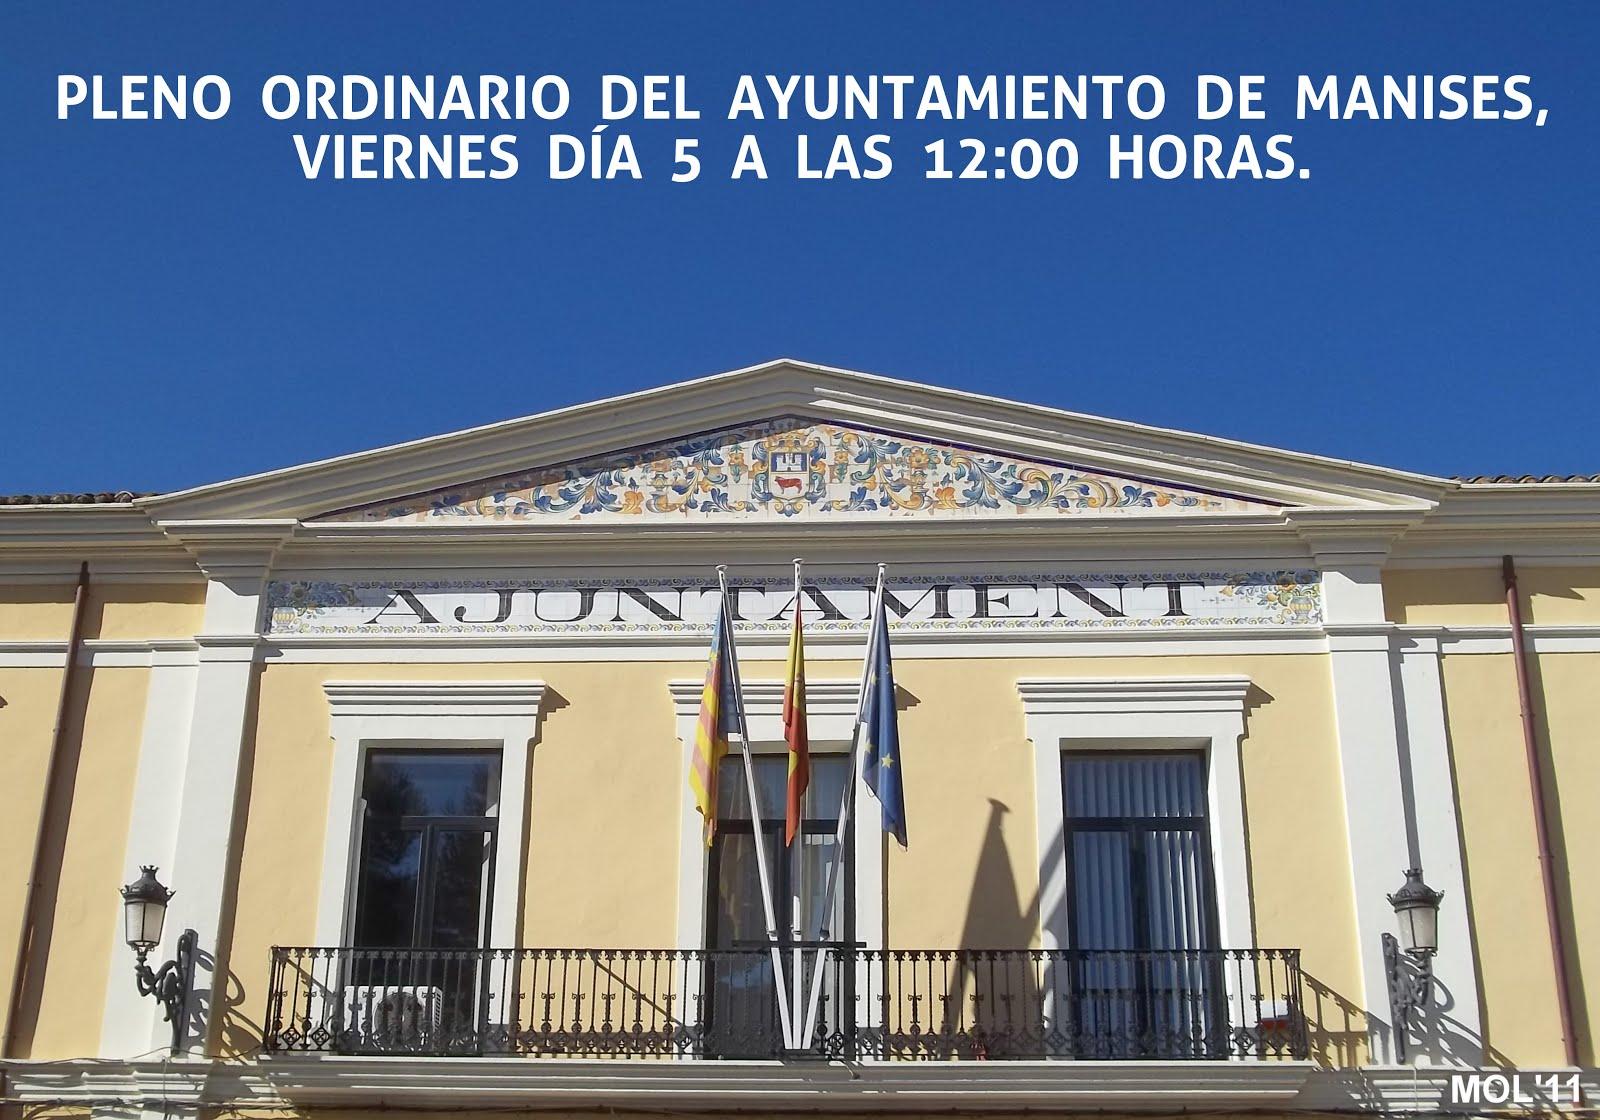 05.06.15 PLENO DEL AYUNTAMIENTO DE MANISES: JUNIO DE 2015